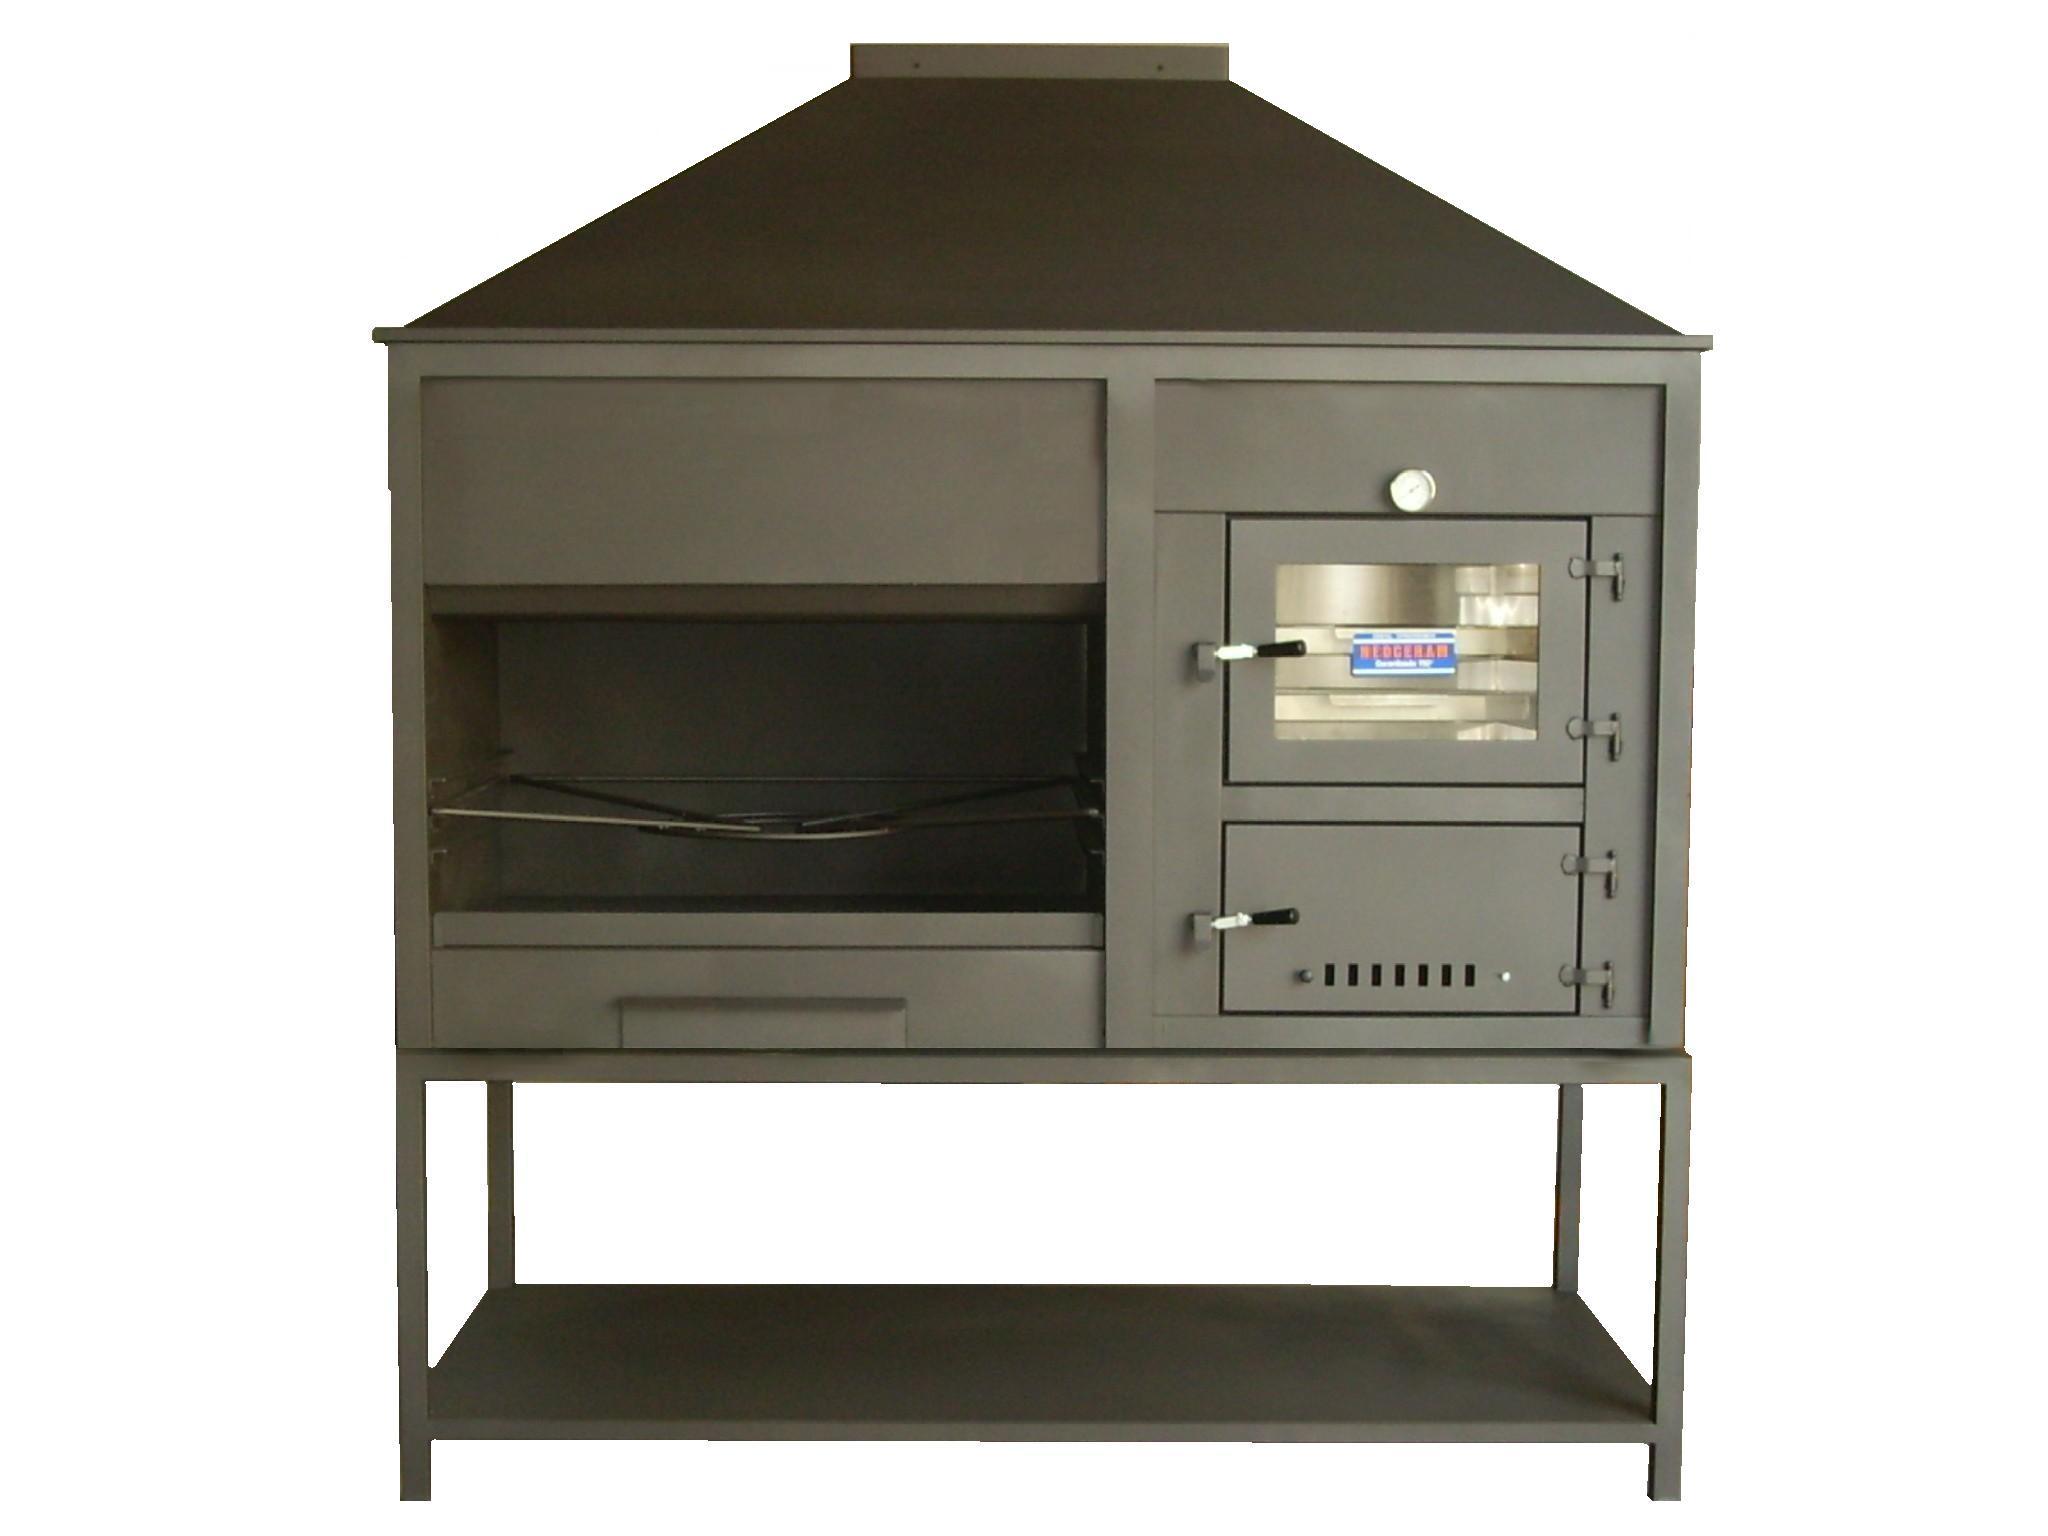 Productos familia reunida - Barbacoas y hornos de lena ...